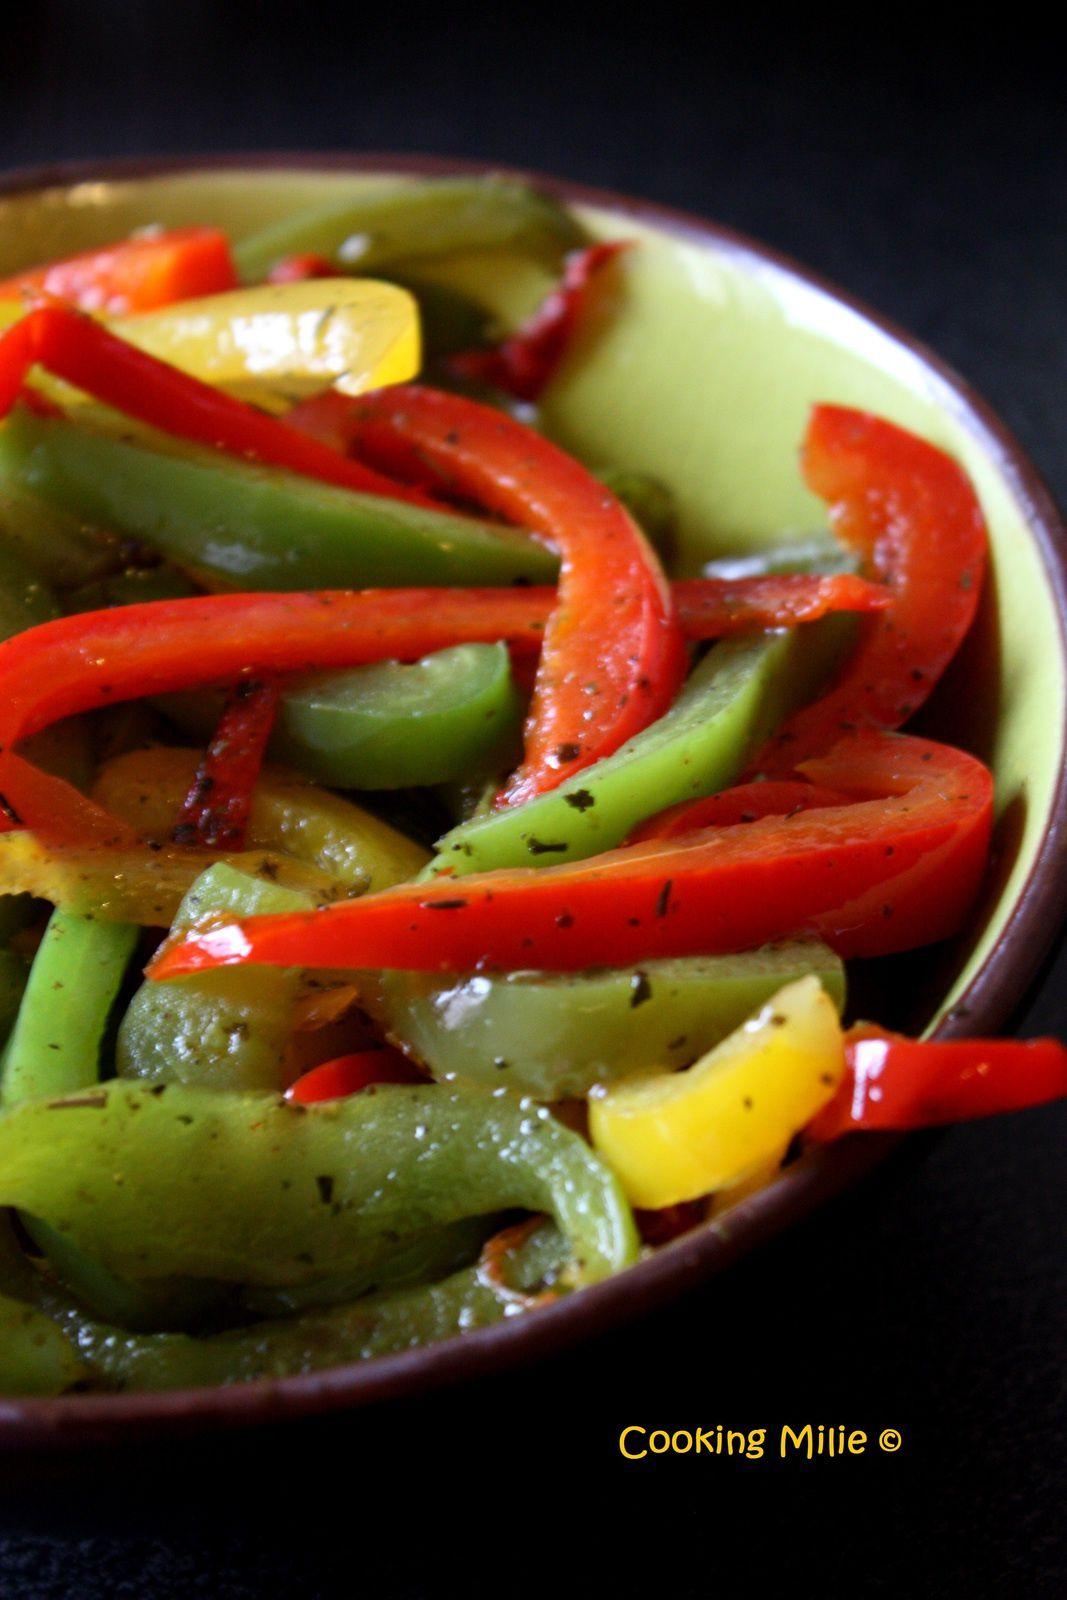 Poivrons marinés à l'huile d'olive et aux herbes de provence